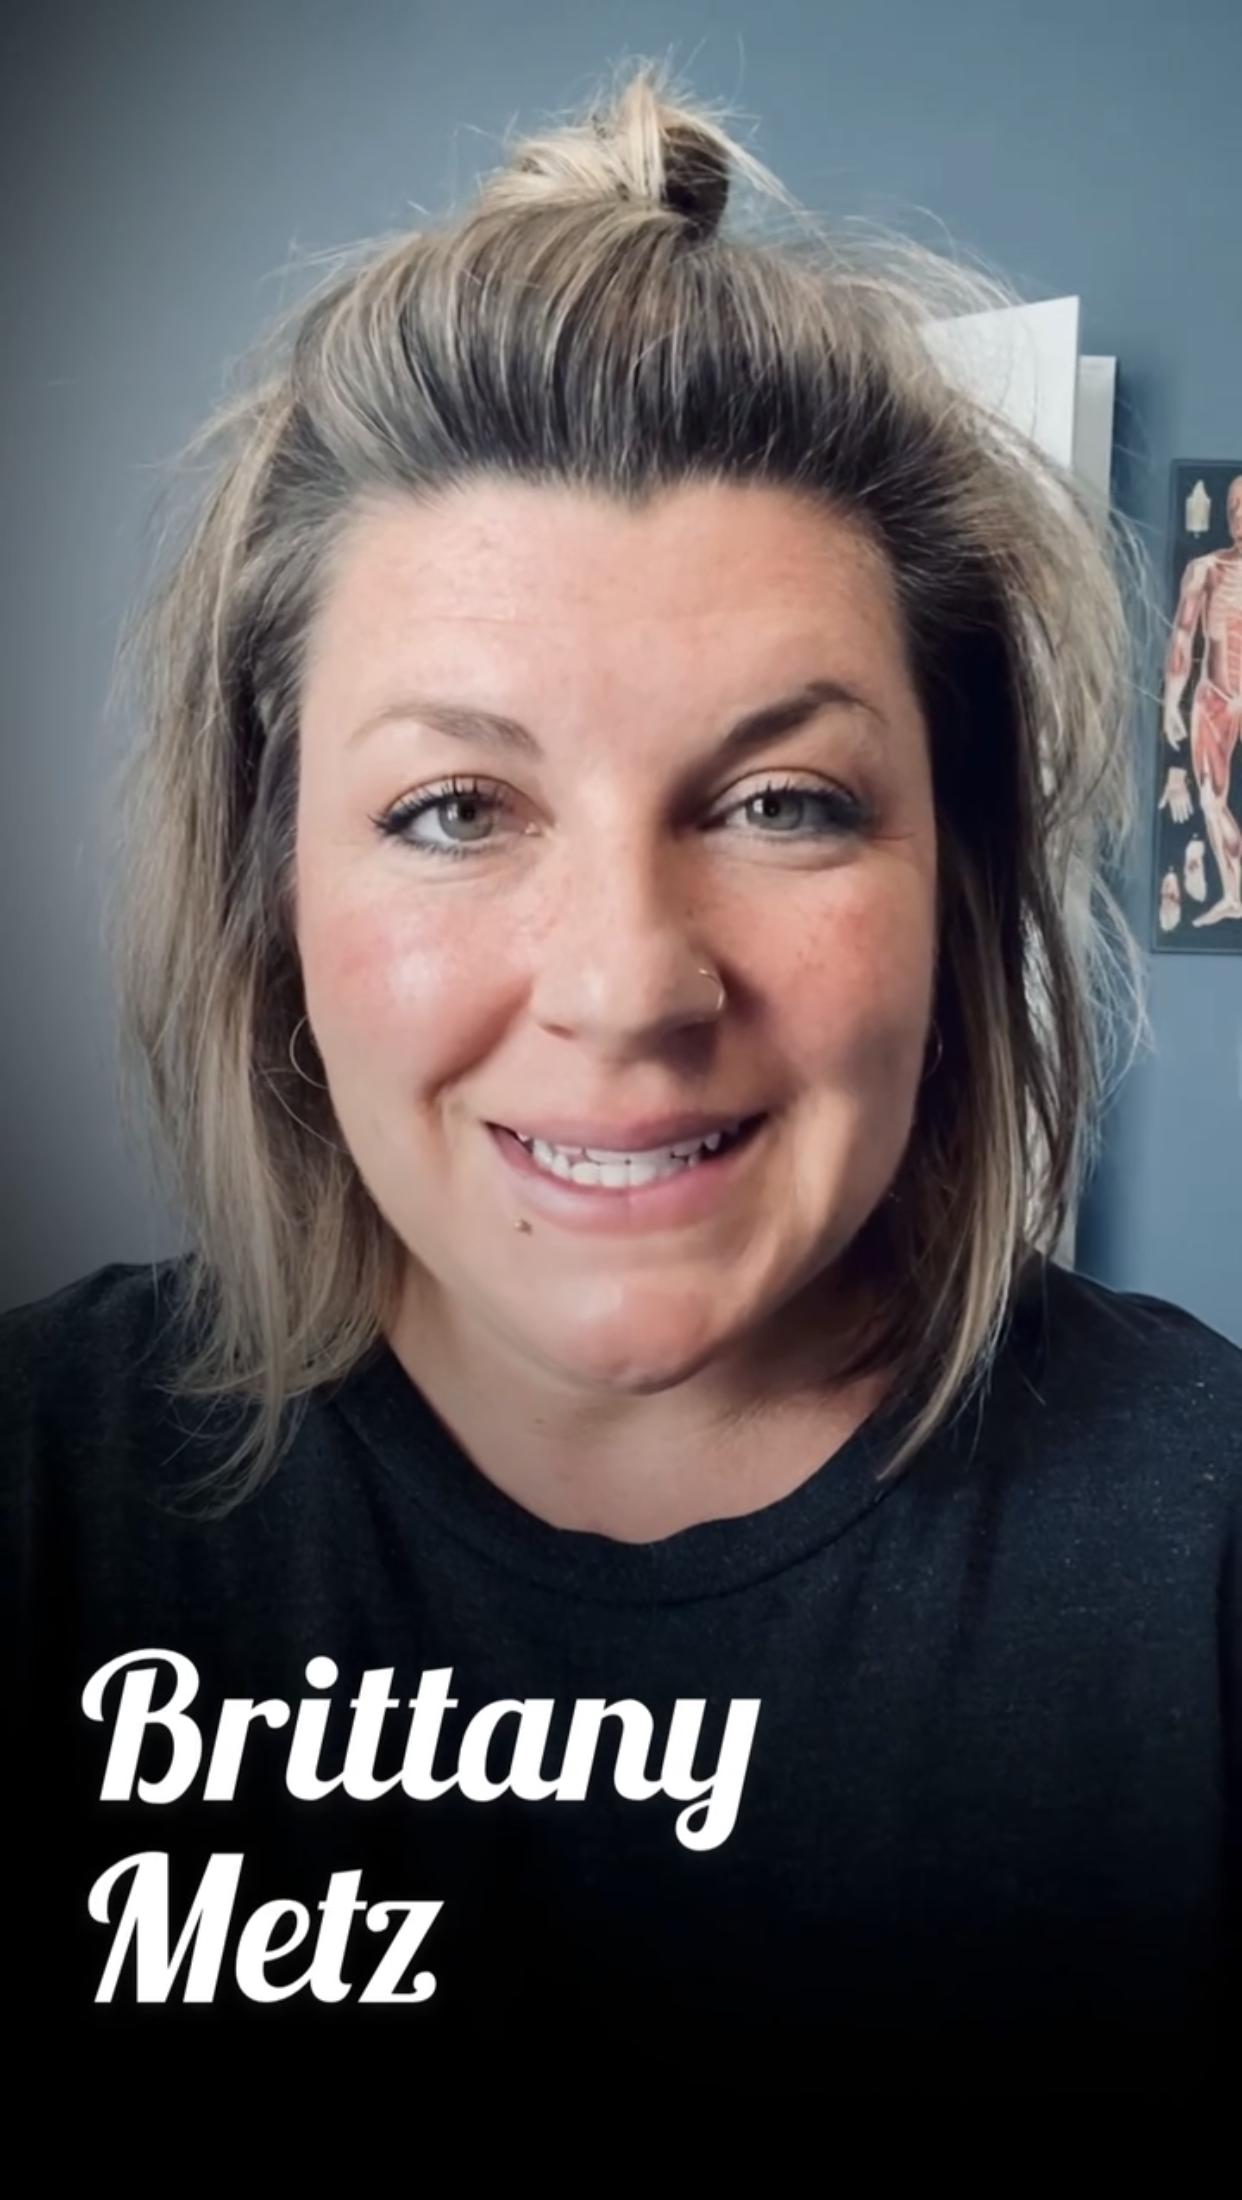 Brittany Metz